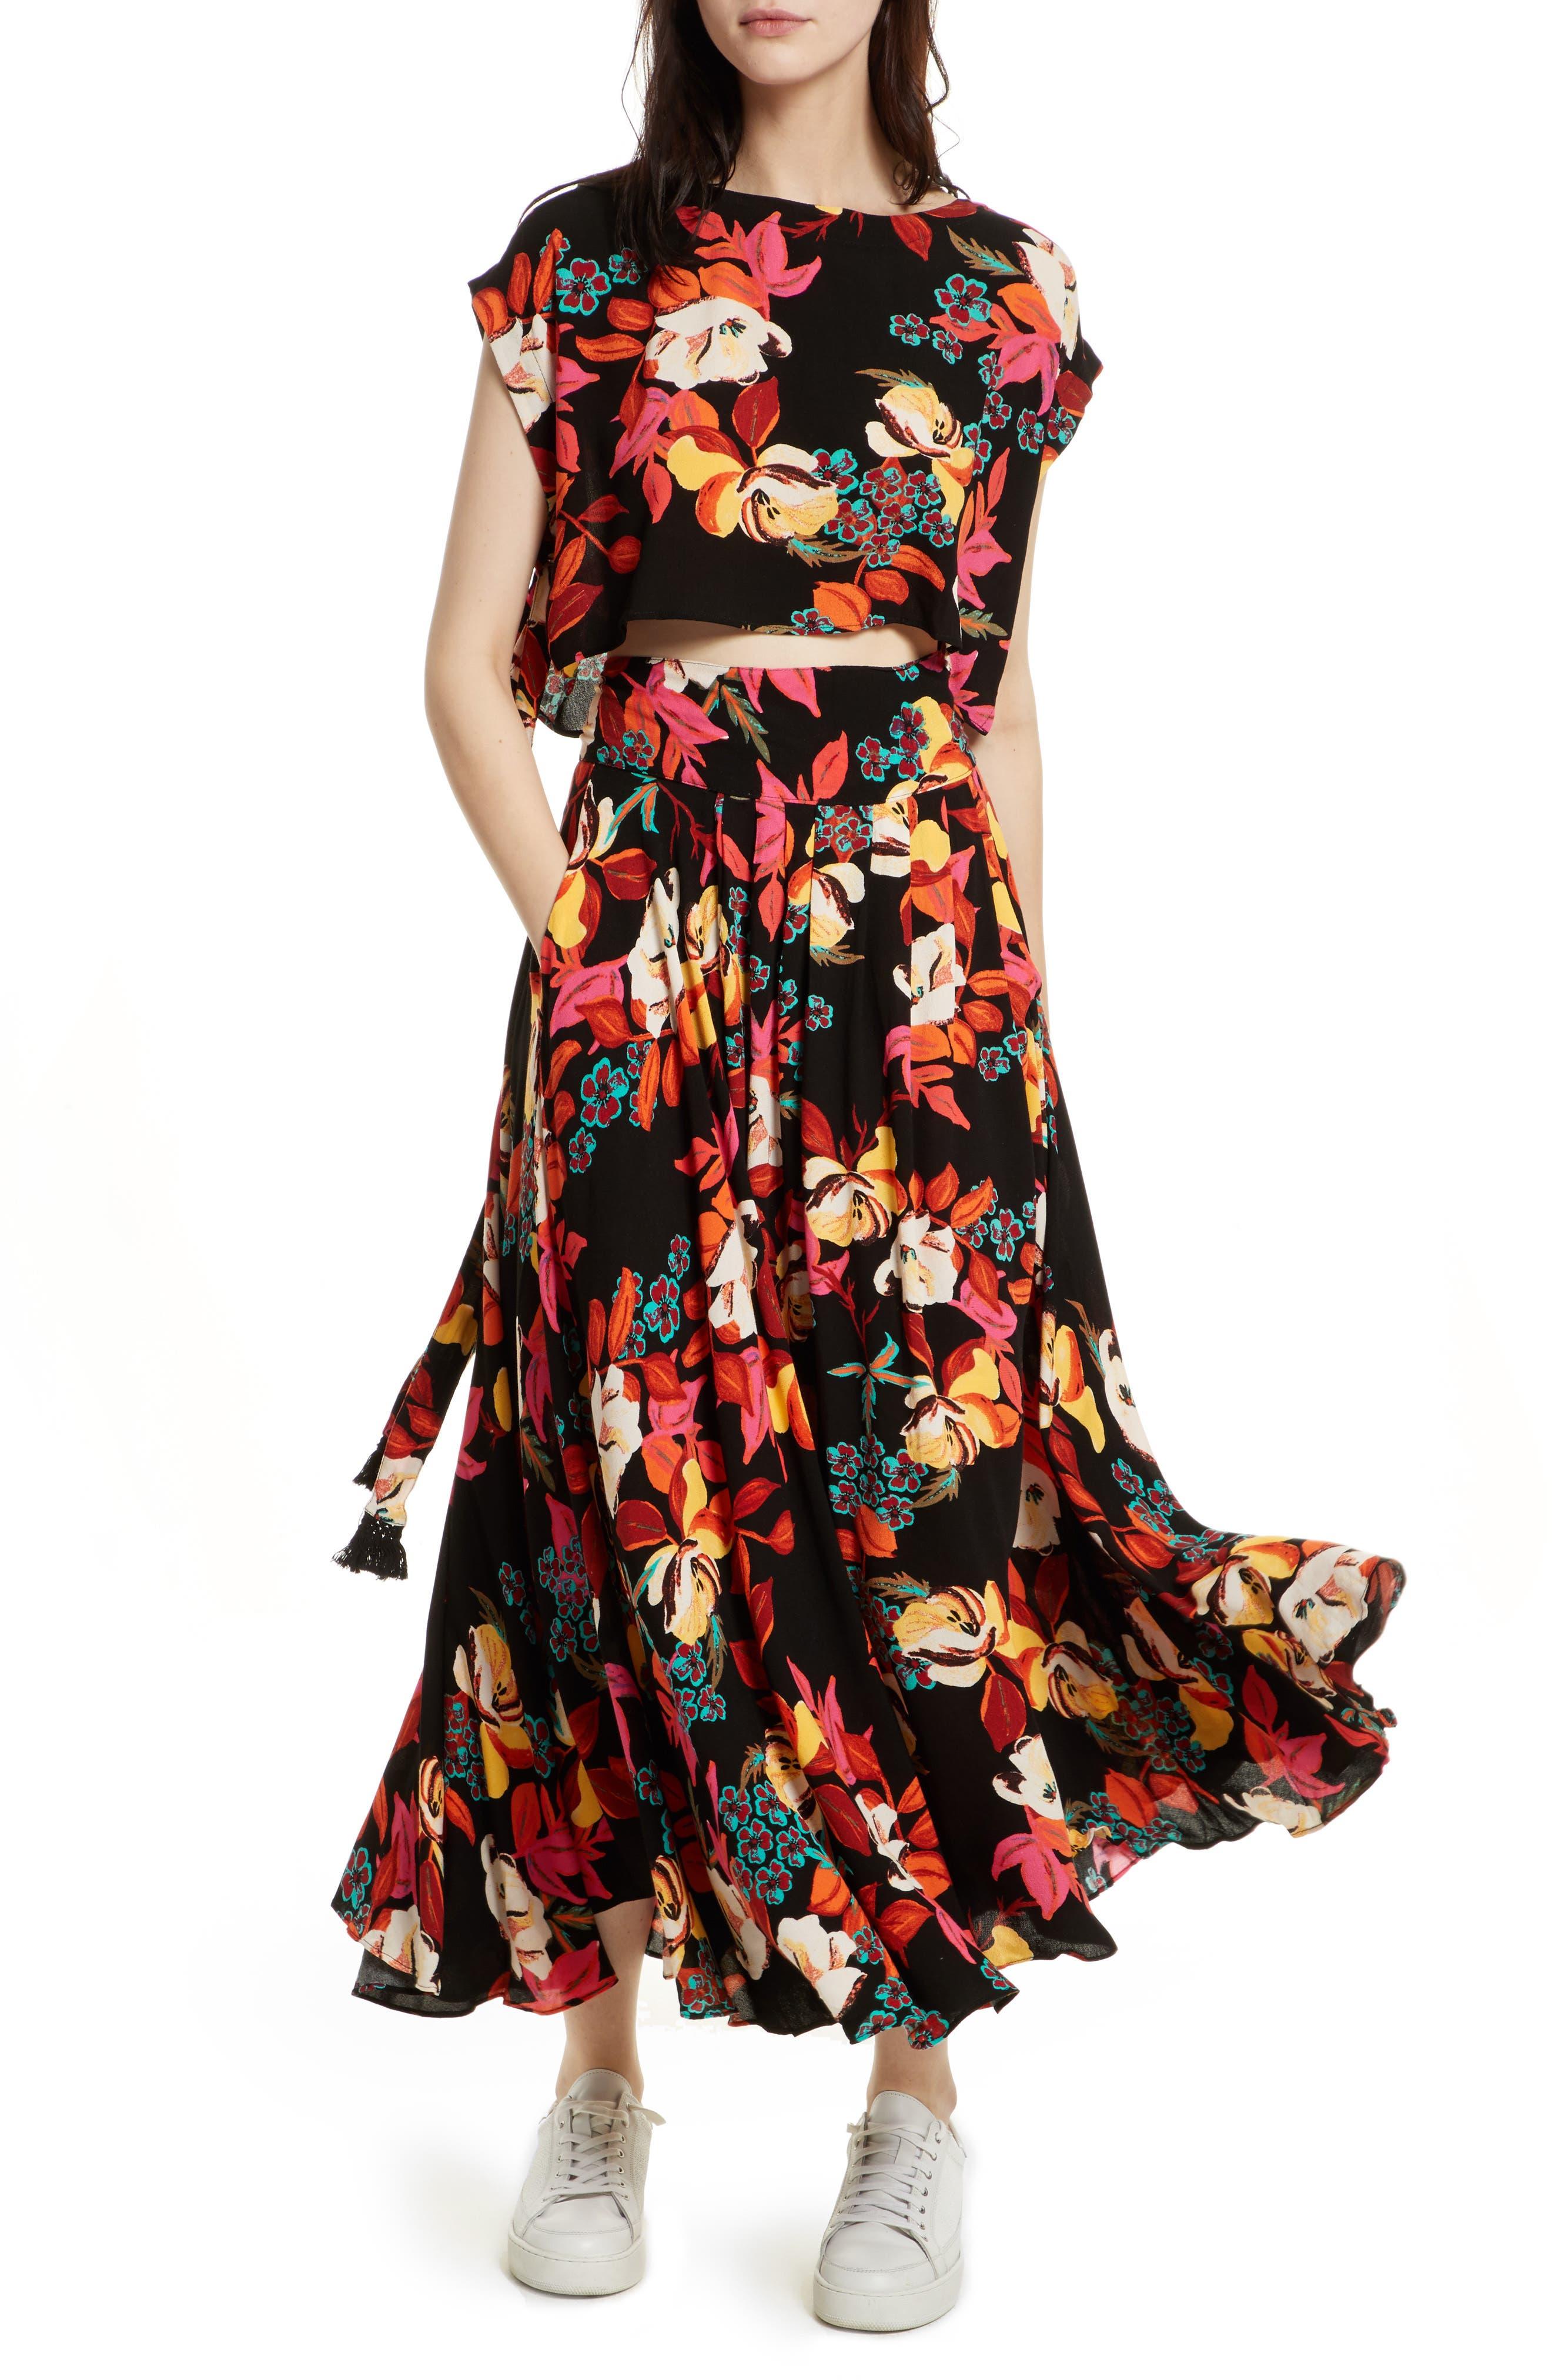 Free People Sundown Two-Piece Dress